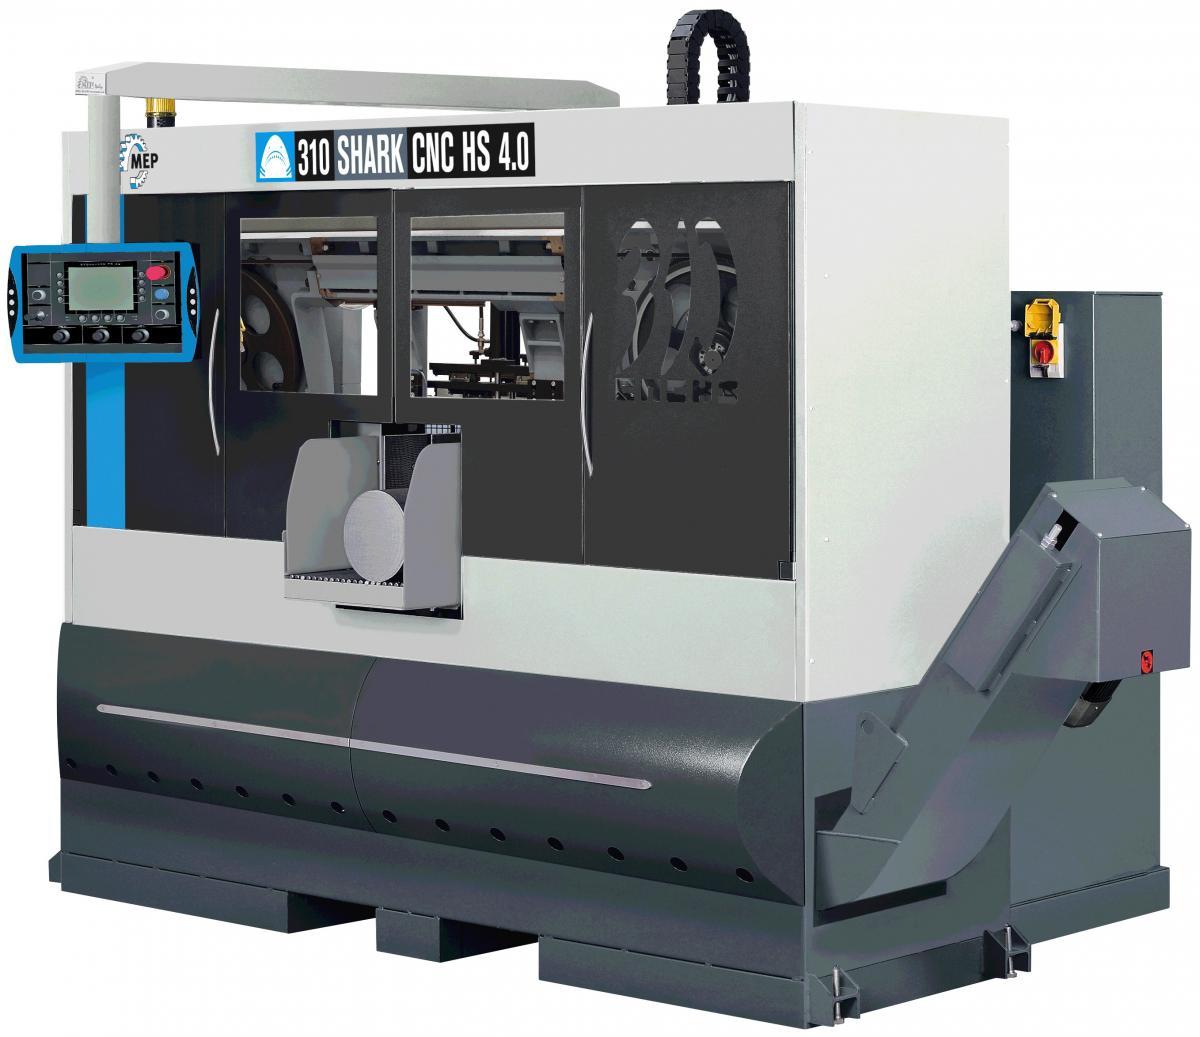 MEP SHARK 310 CNC HS 4.0 Doppelsäulenmaschine